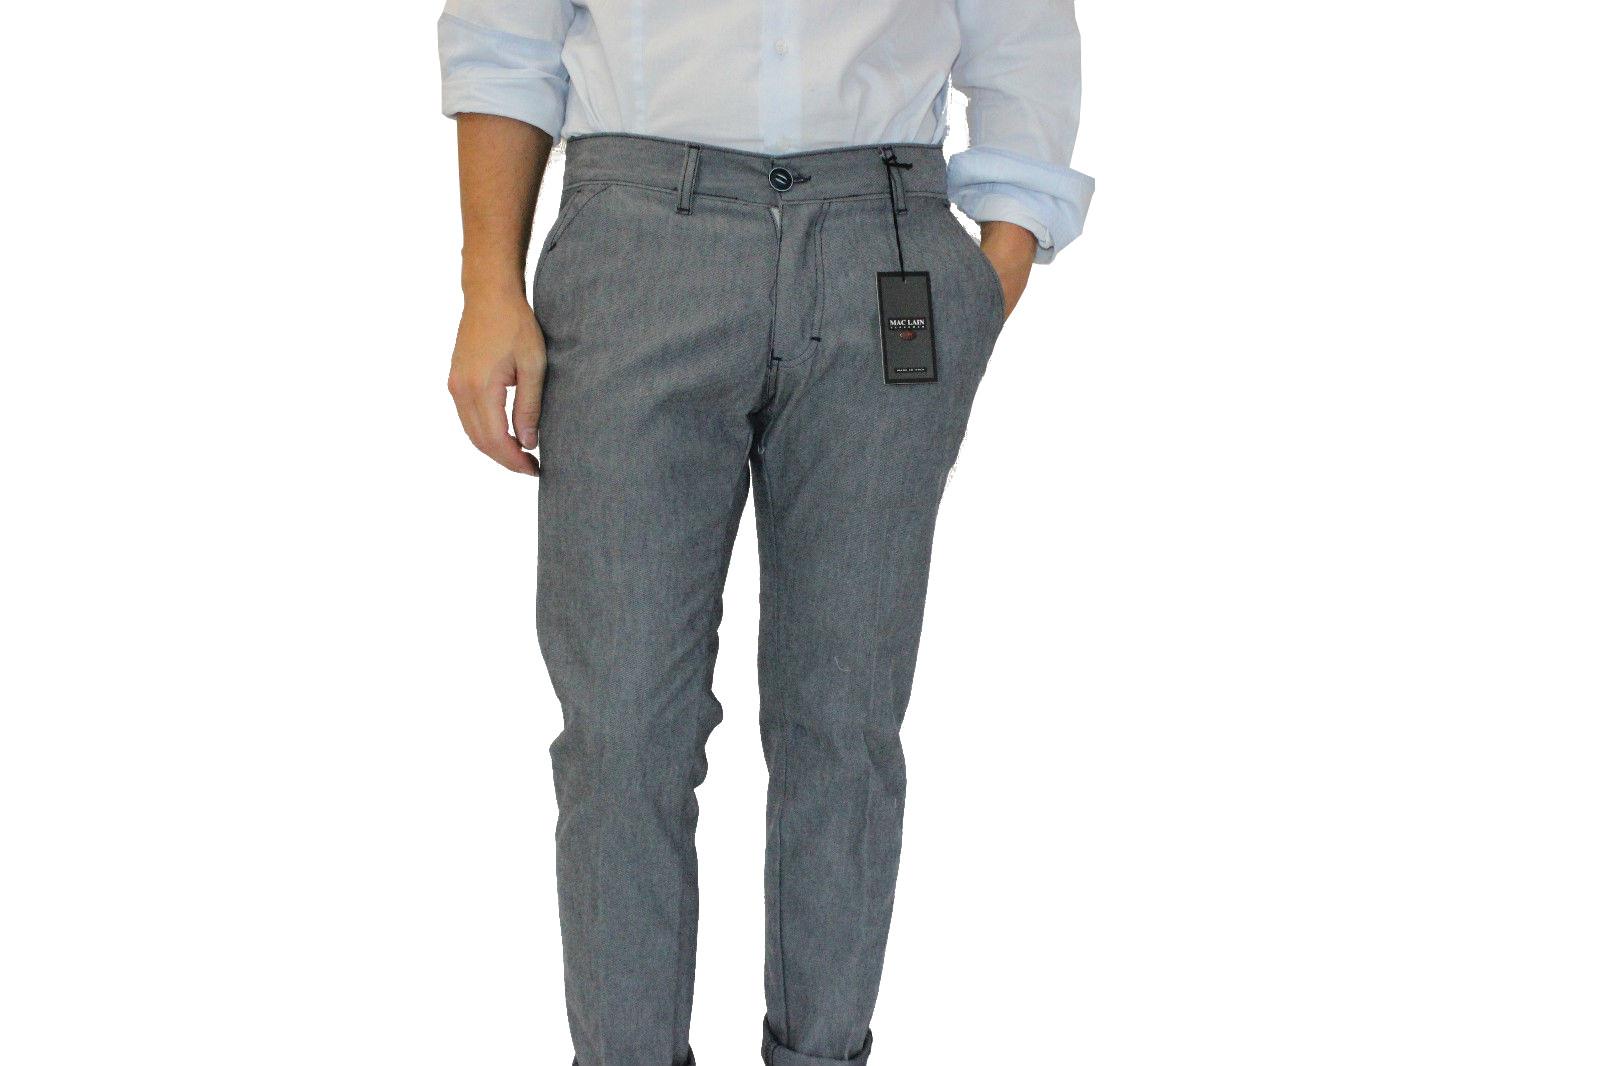 Bifulco abbigliamento : abbigliamento uomo donna online moda made